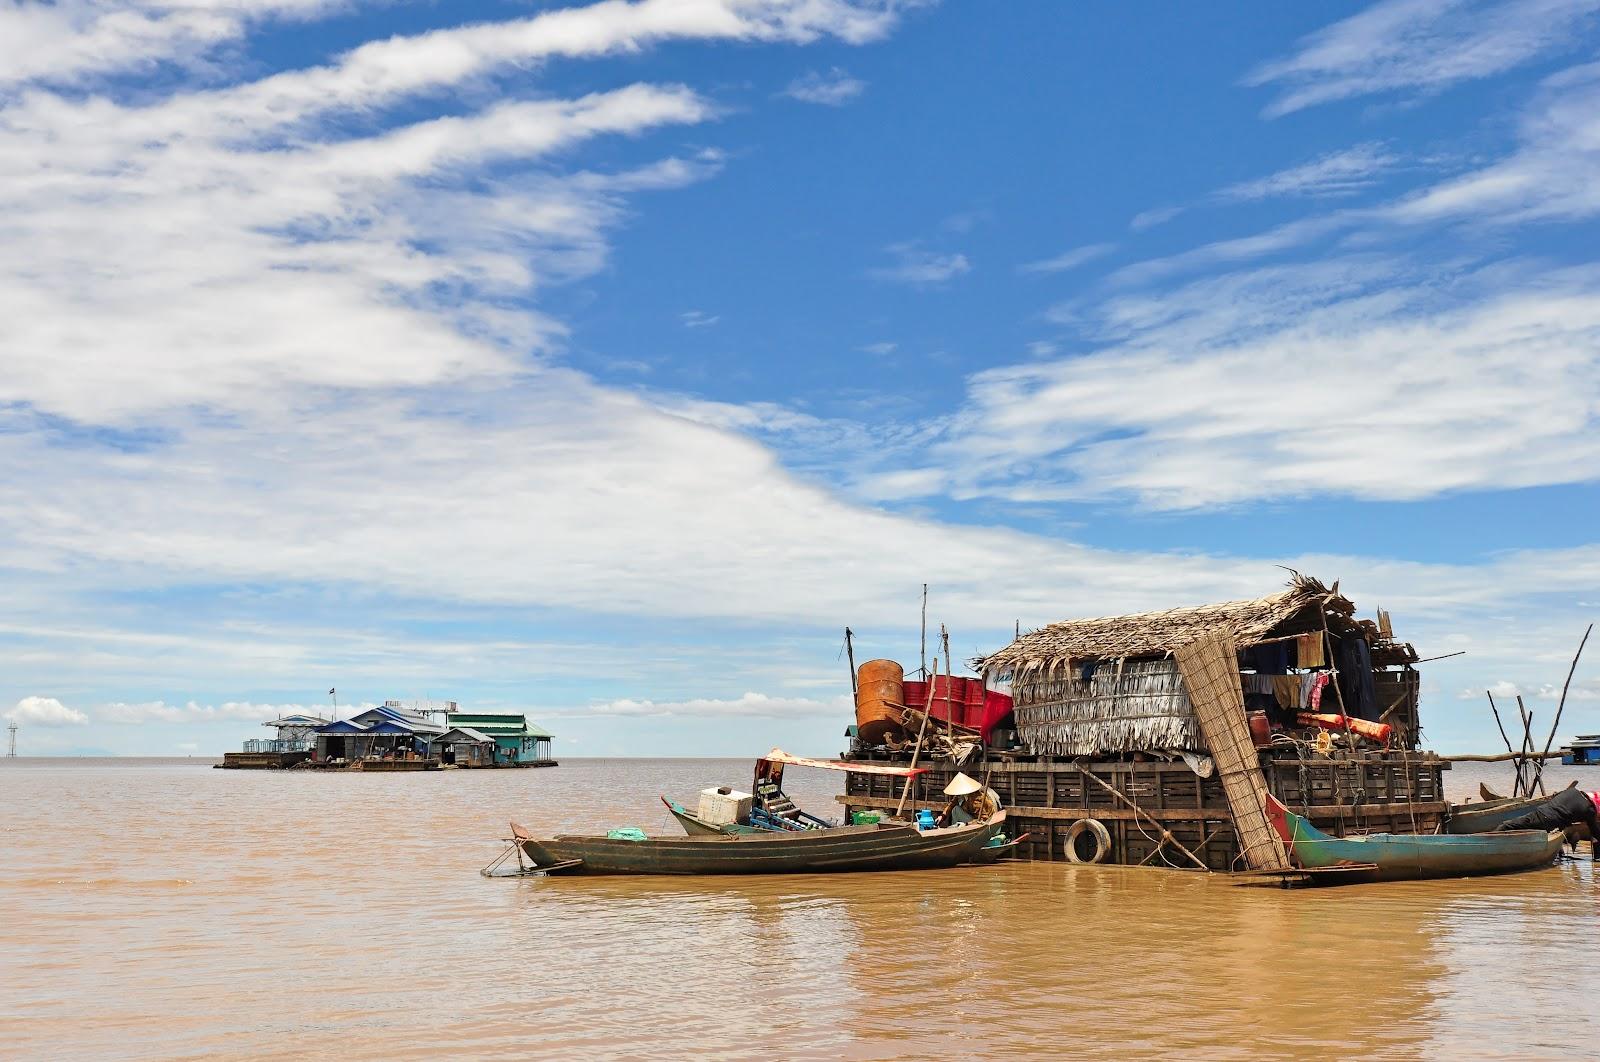 Tour Du Lịch Campuchia Hấp Dẫn: Khám Phá Xứ Sở Chùa Tháp